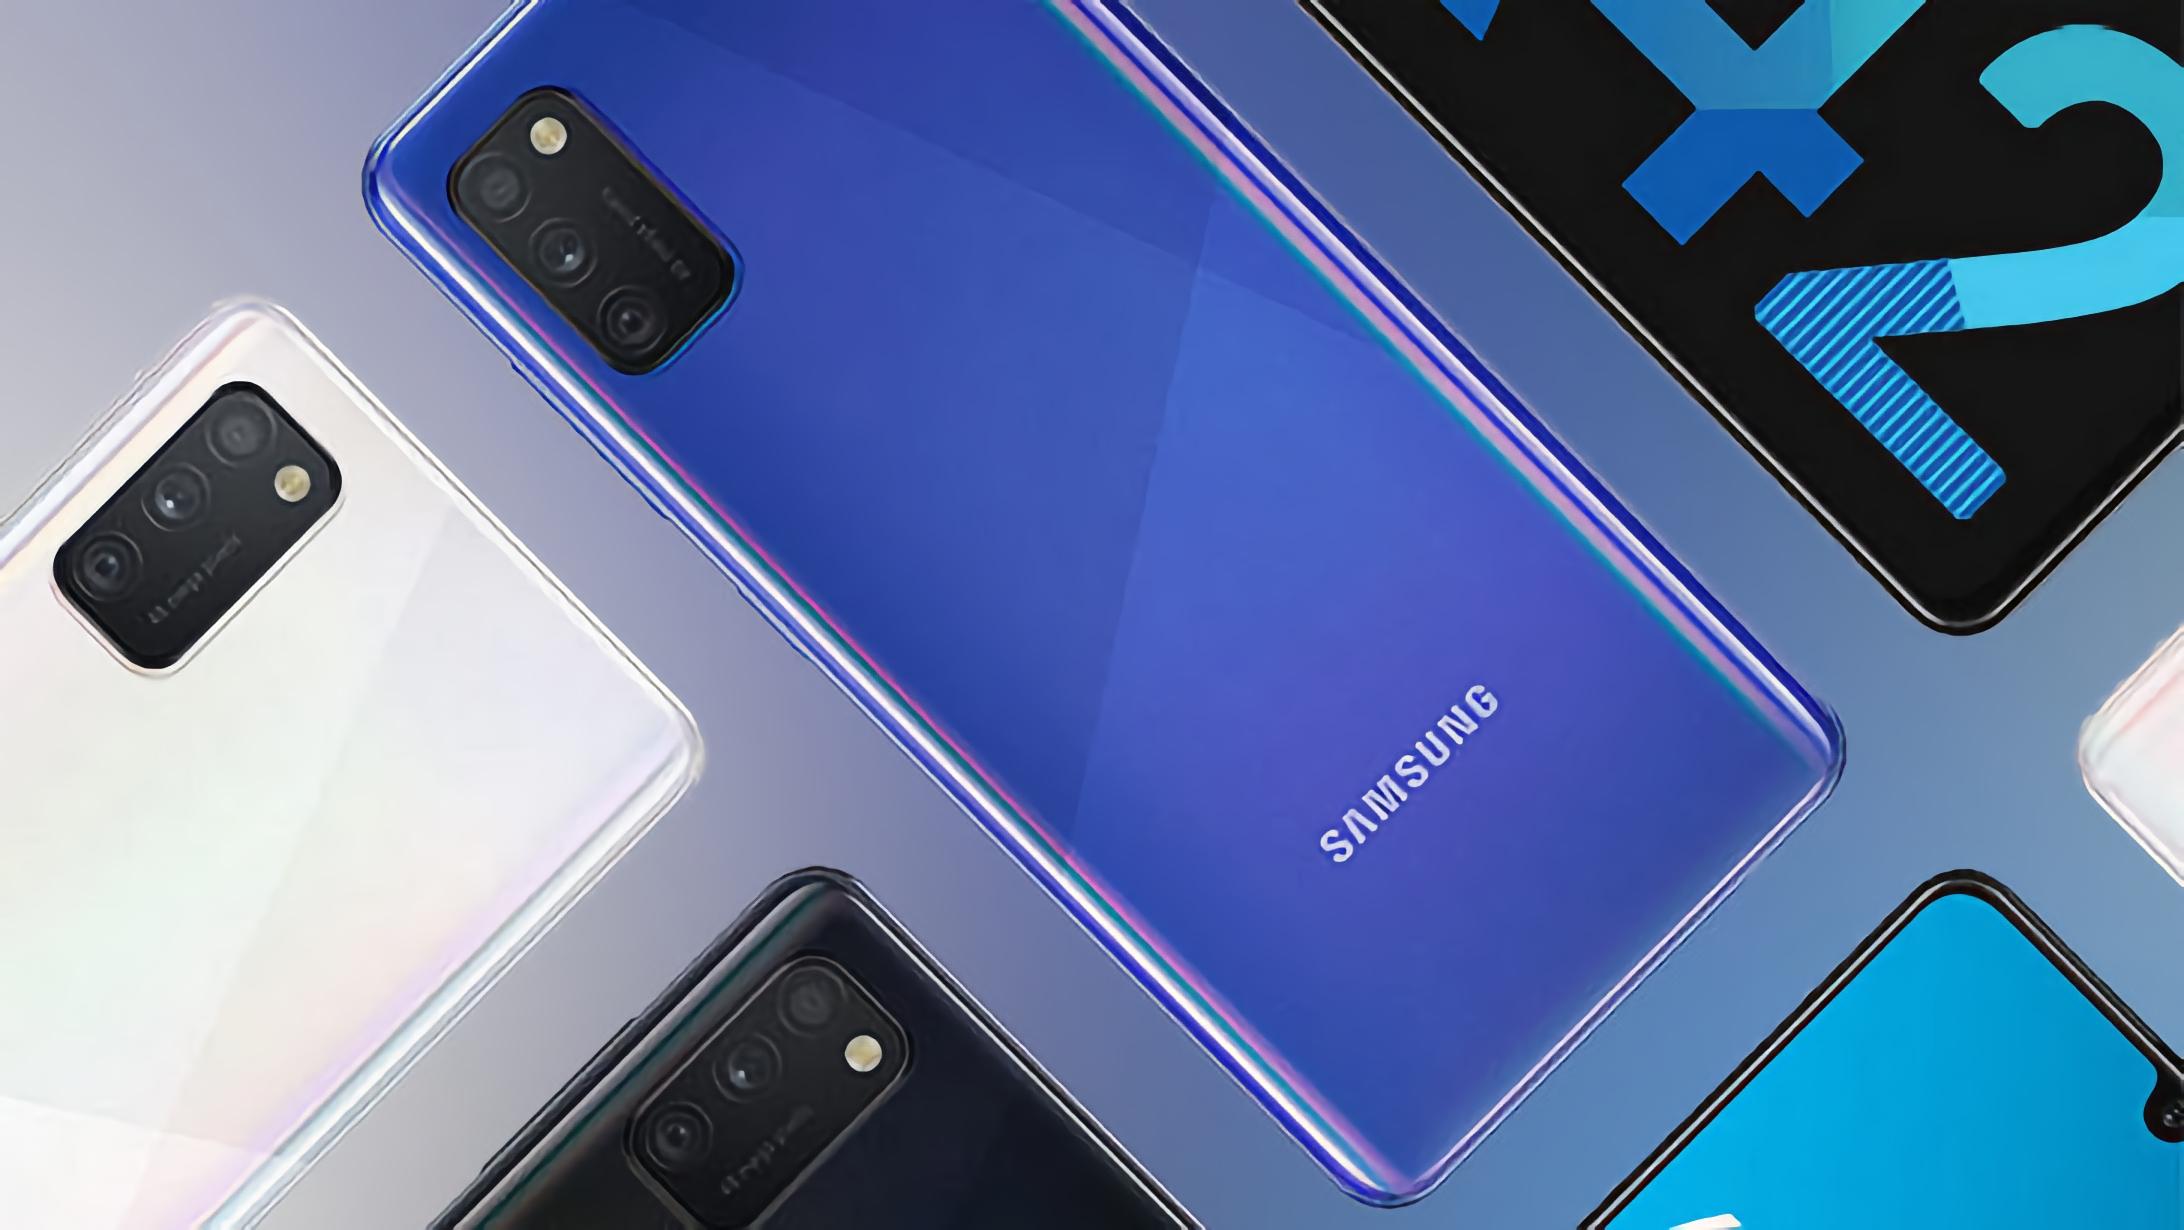 Samsung начала тизерить Galaxy M42: первый смартфон Galaxy M с поддержкой 5G